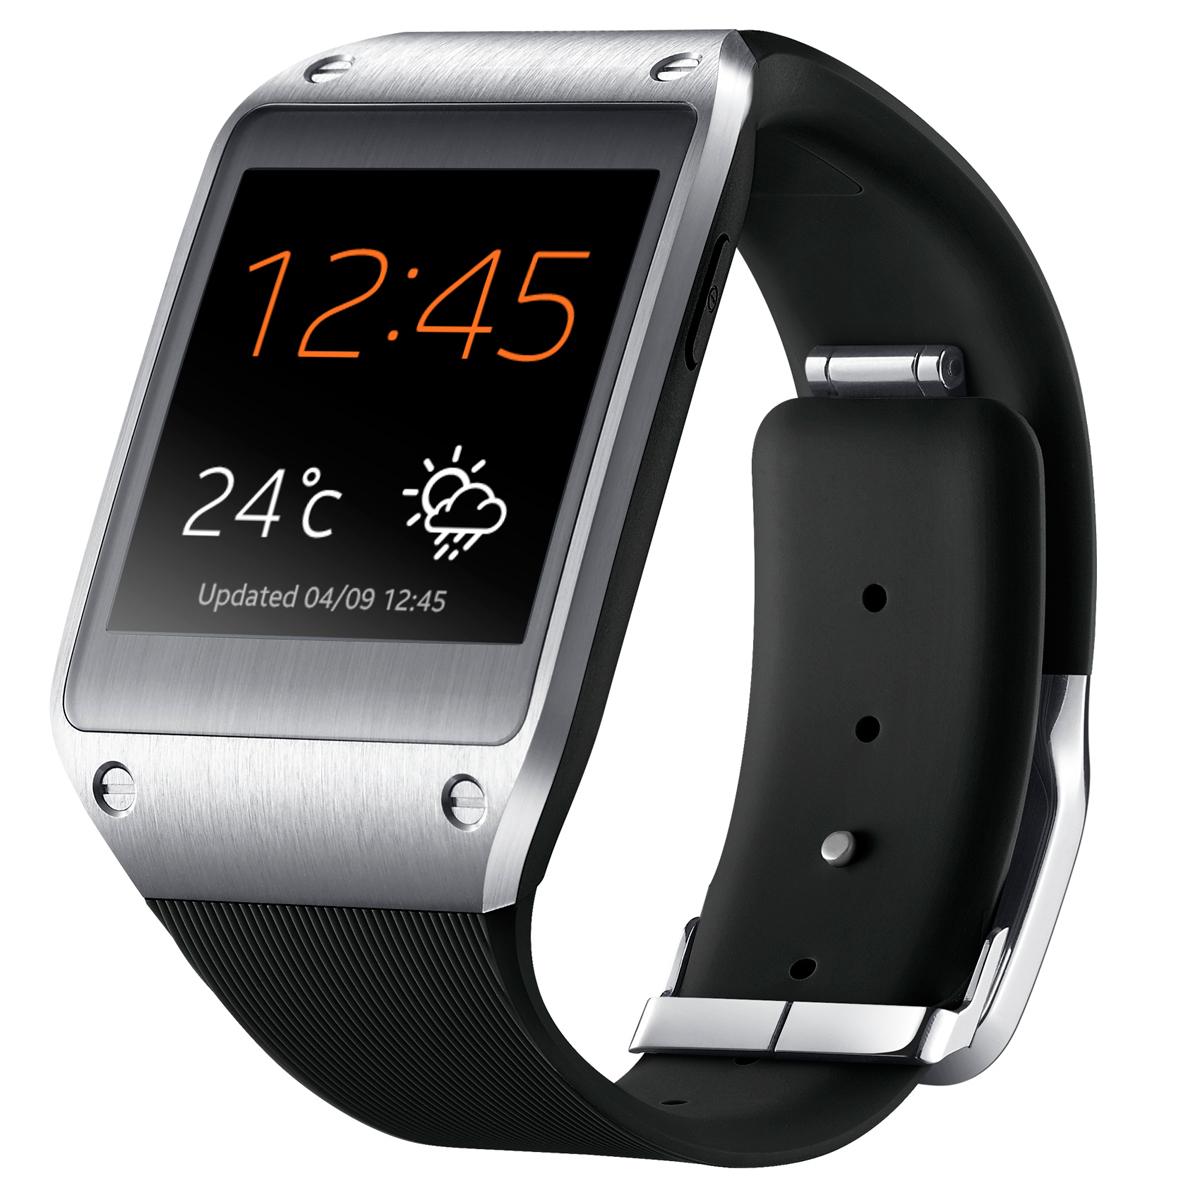 Montre connectée Samsung Galaxy Gear (avec ODR de 100€)